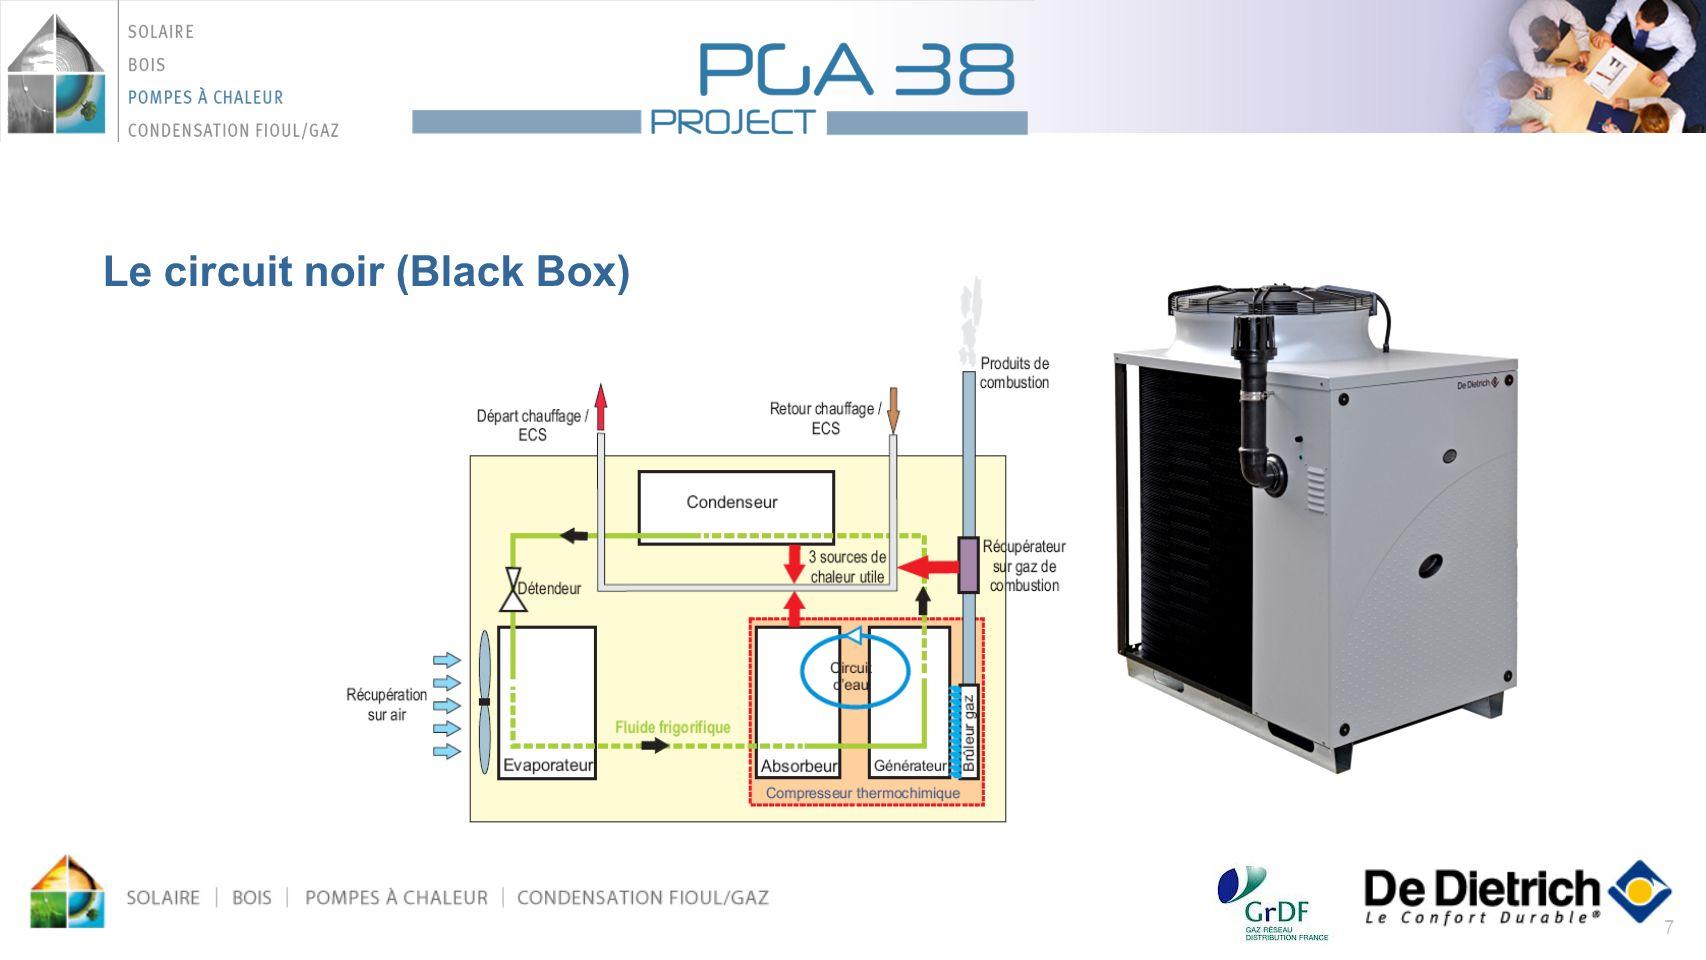 7 Le circuit noir (Black Box)